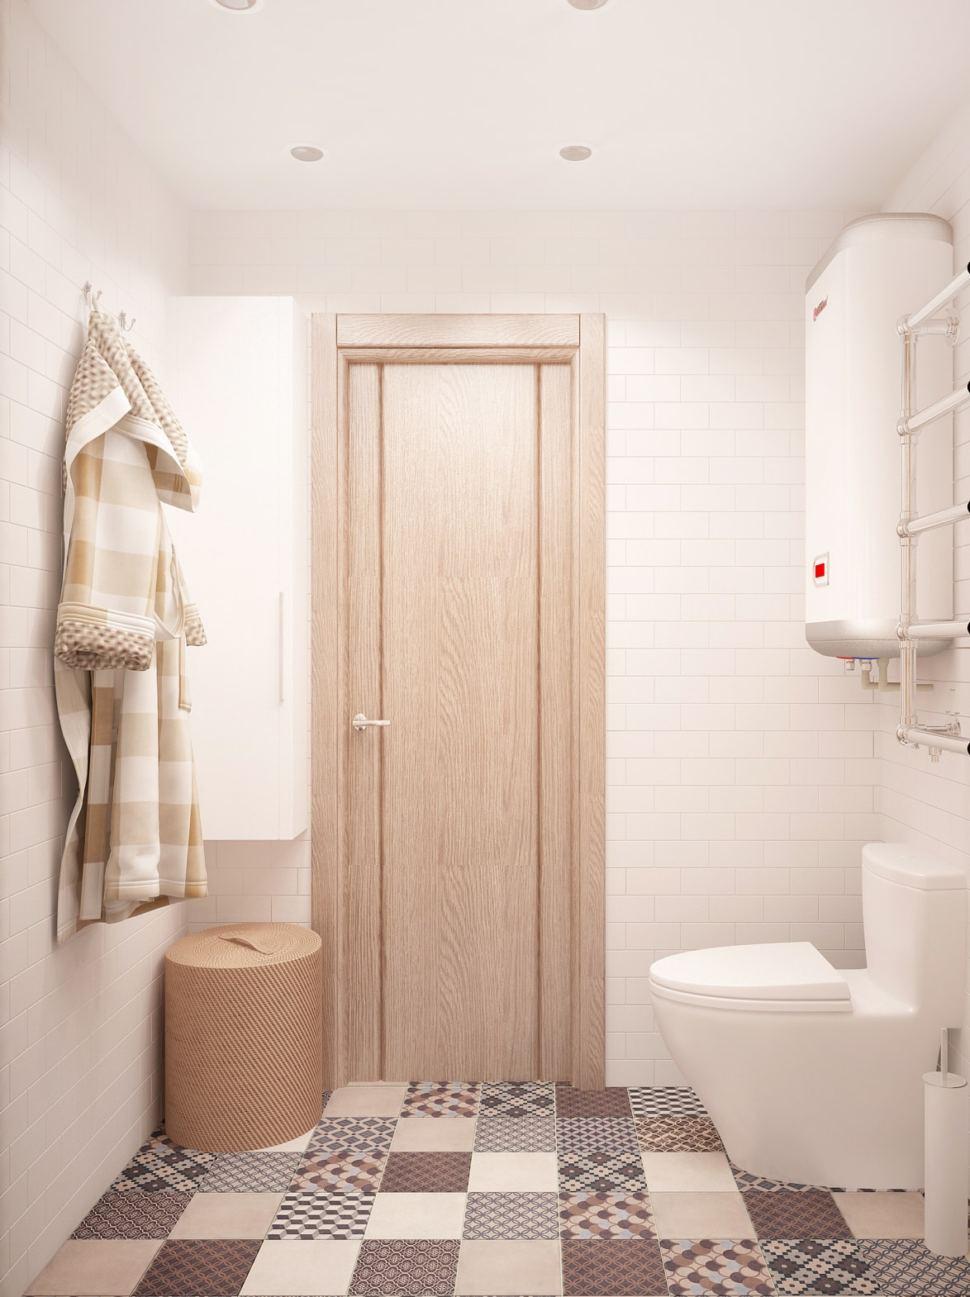 Проект ванной комнаты 3 кв.м в бежевых оттенках, керамическая плитка, потолочные светильники, плитка с орнаментом, унитаз